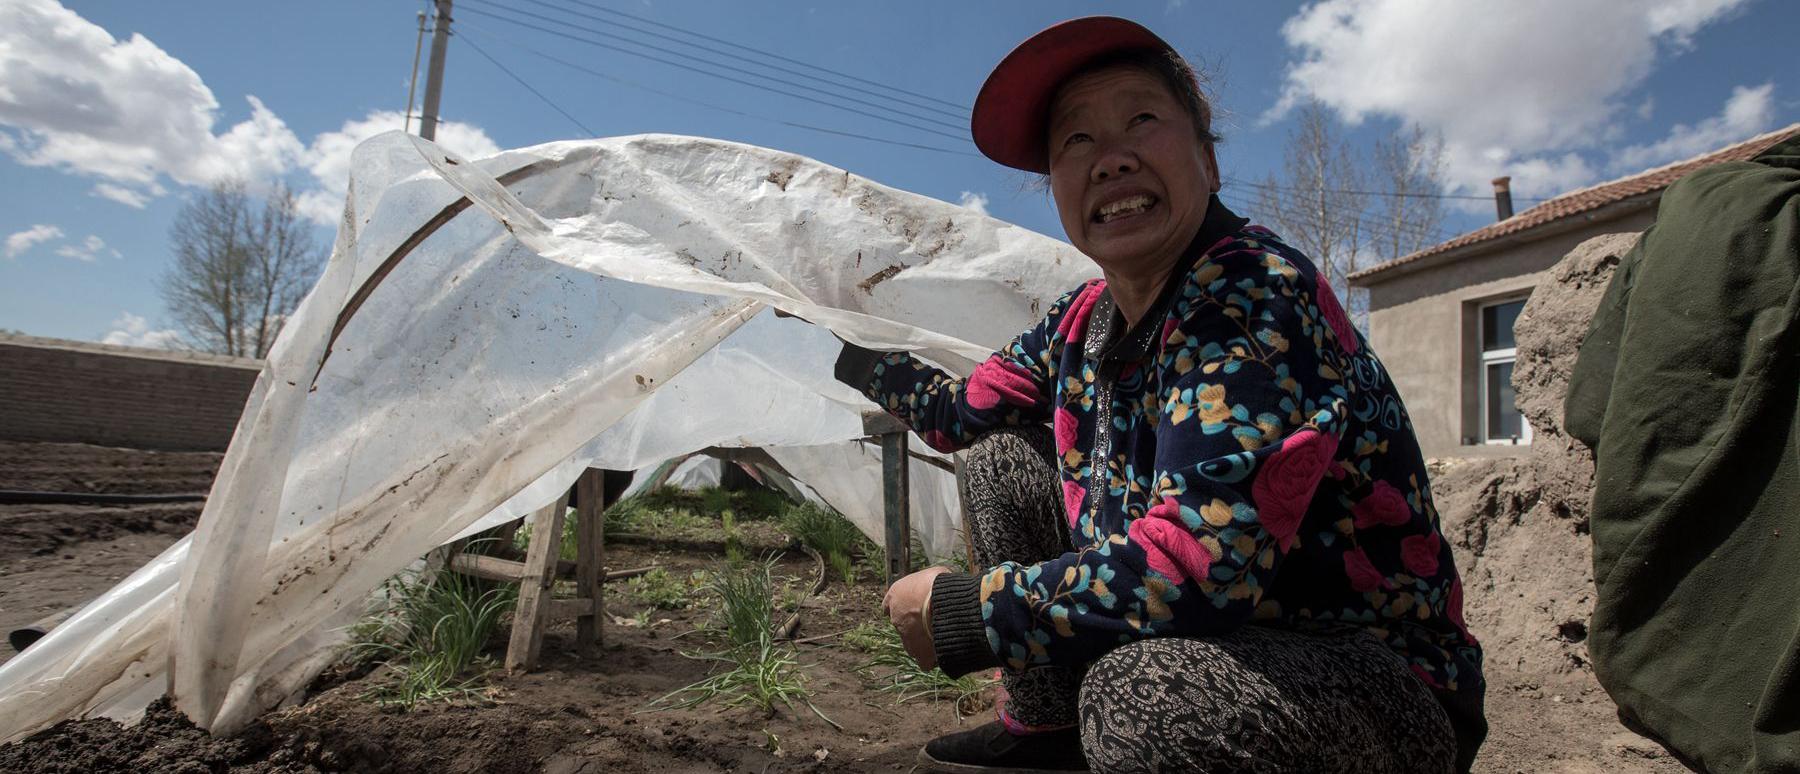 六口人蜗居土坯房 57岁农妇带智力障碍兄弟俩脱贫